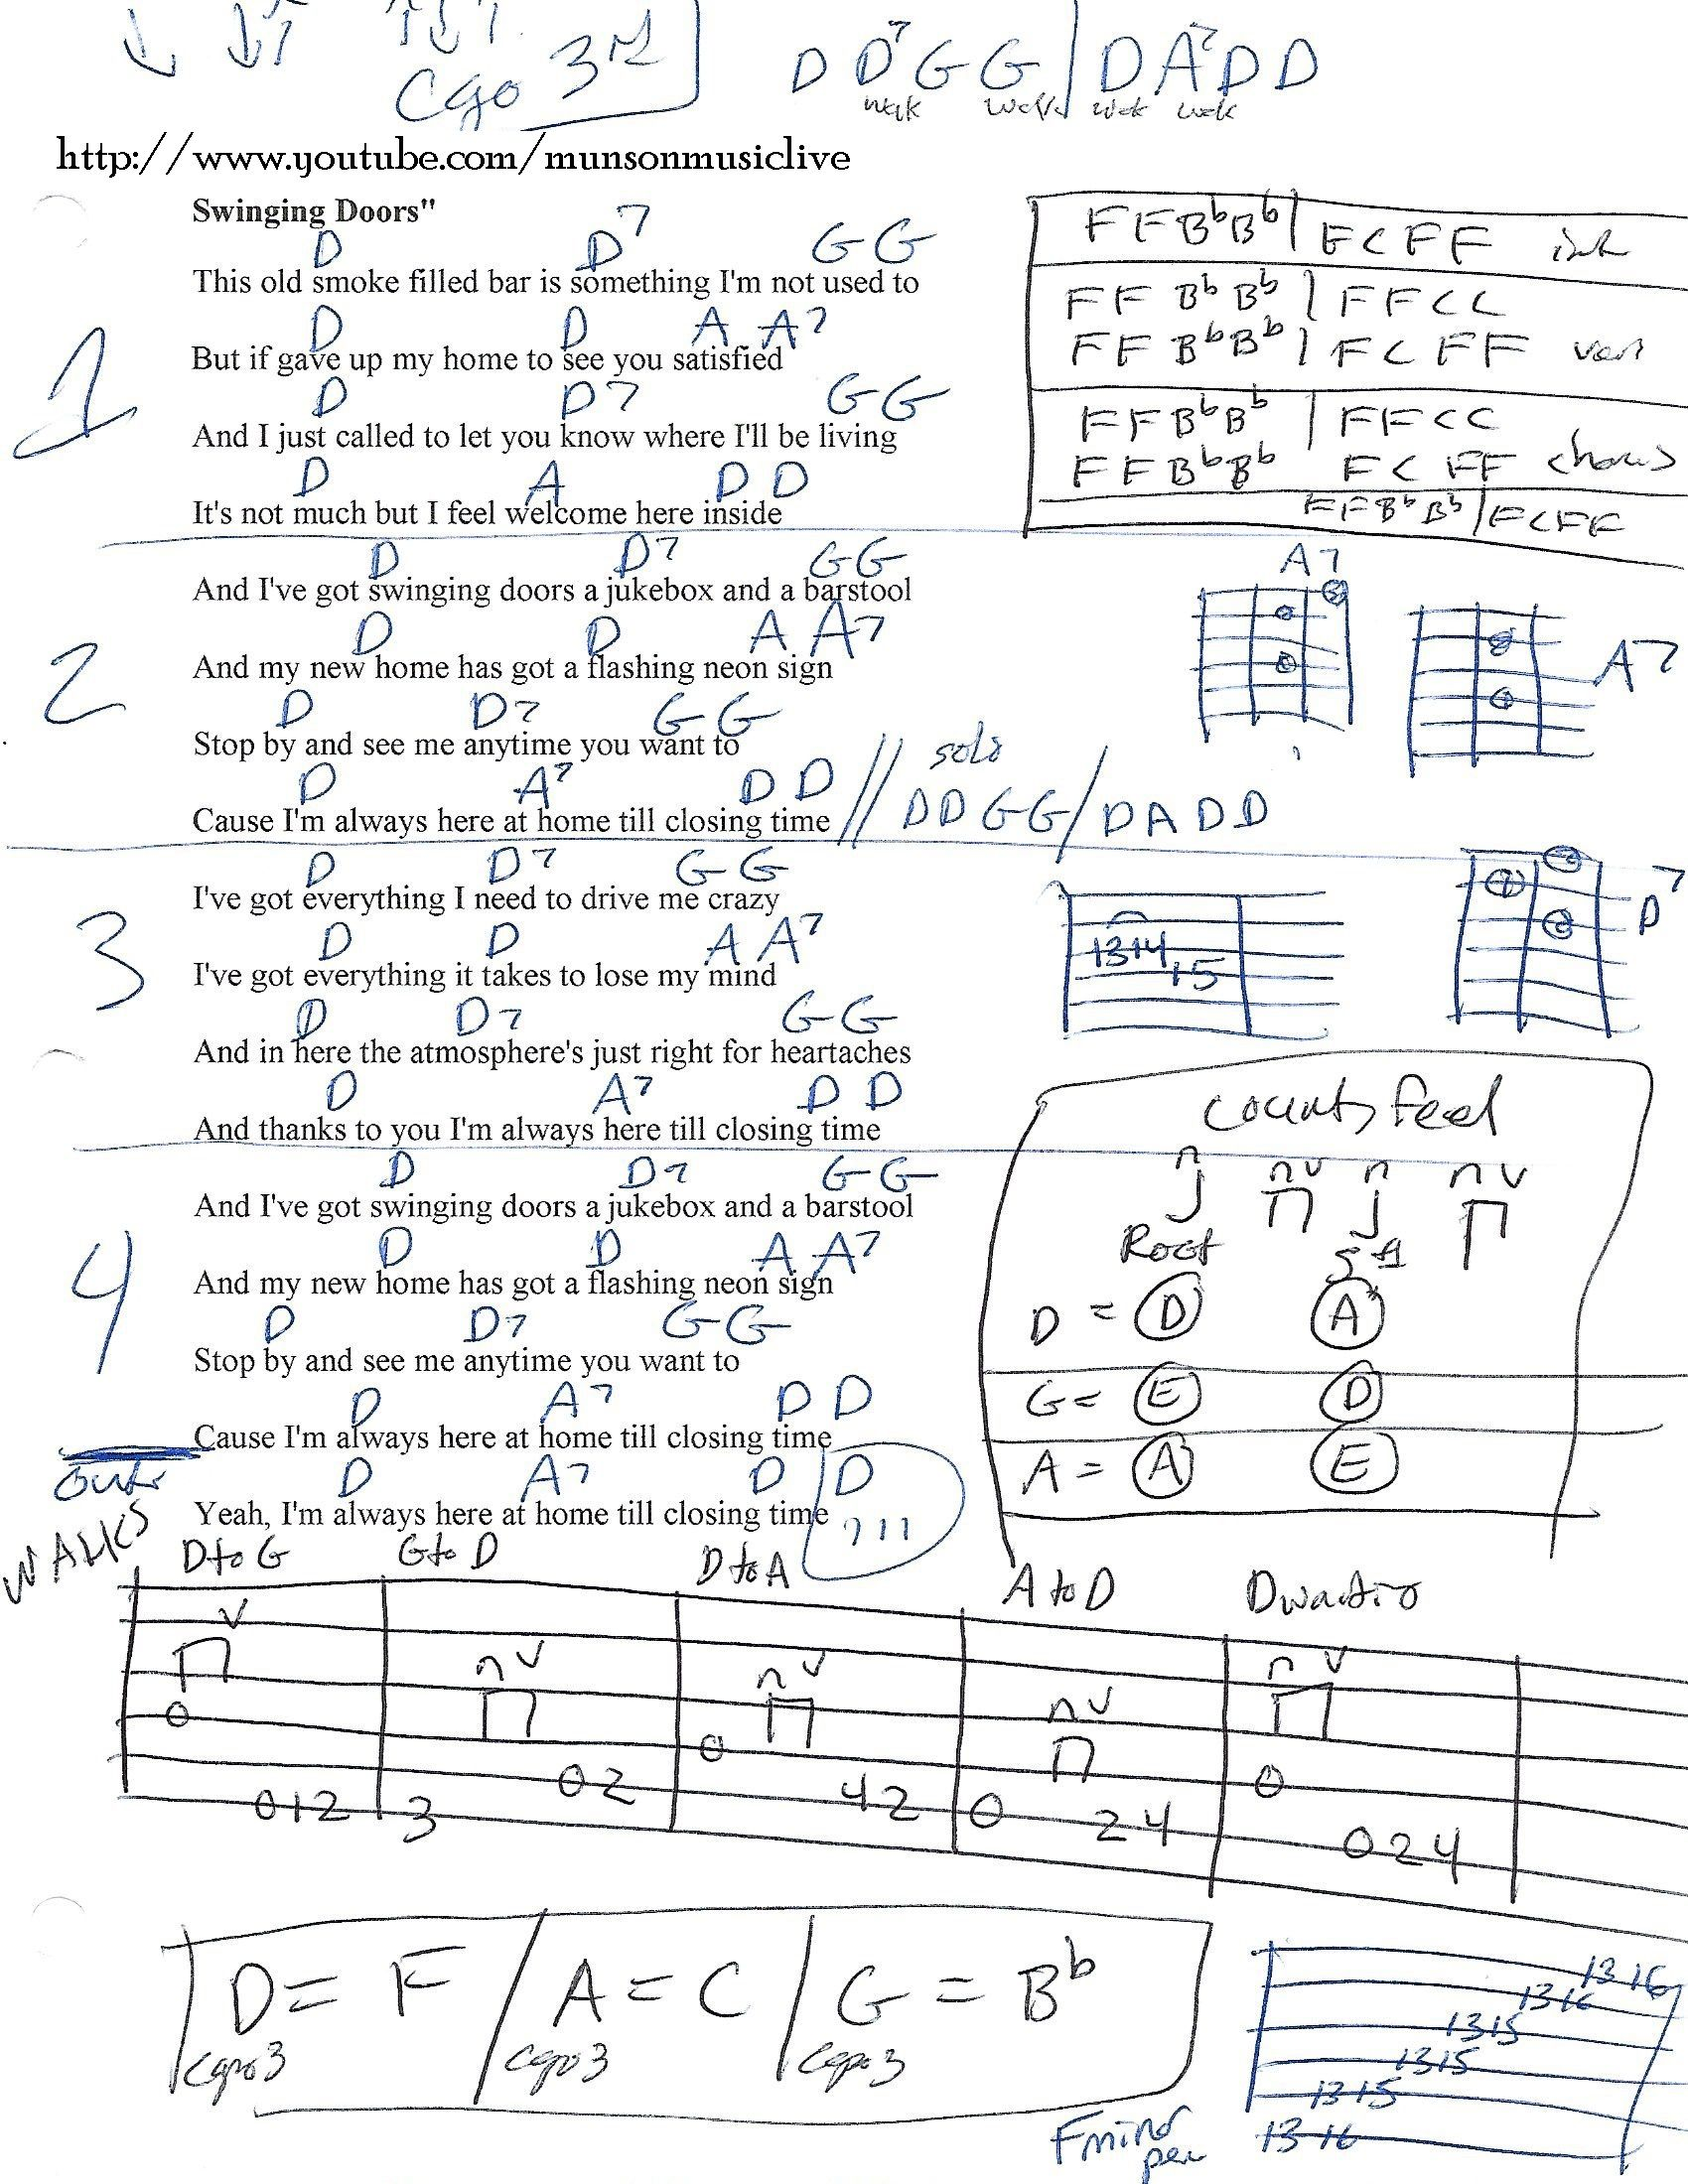 Swinging Doors Guitar Chord Chart Ukulele Chords Songs Guitar Chord Chart Ukulele Songs